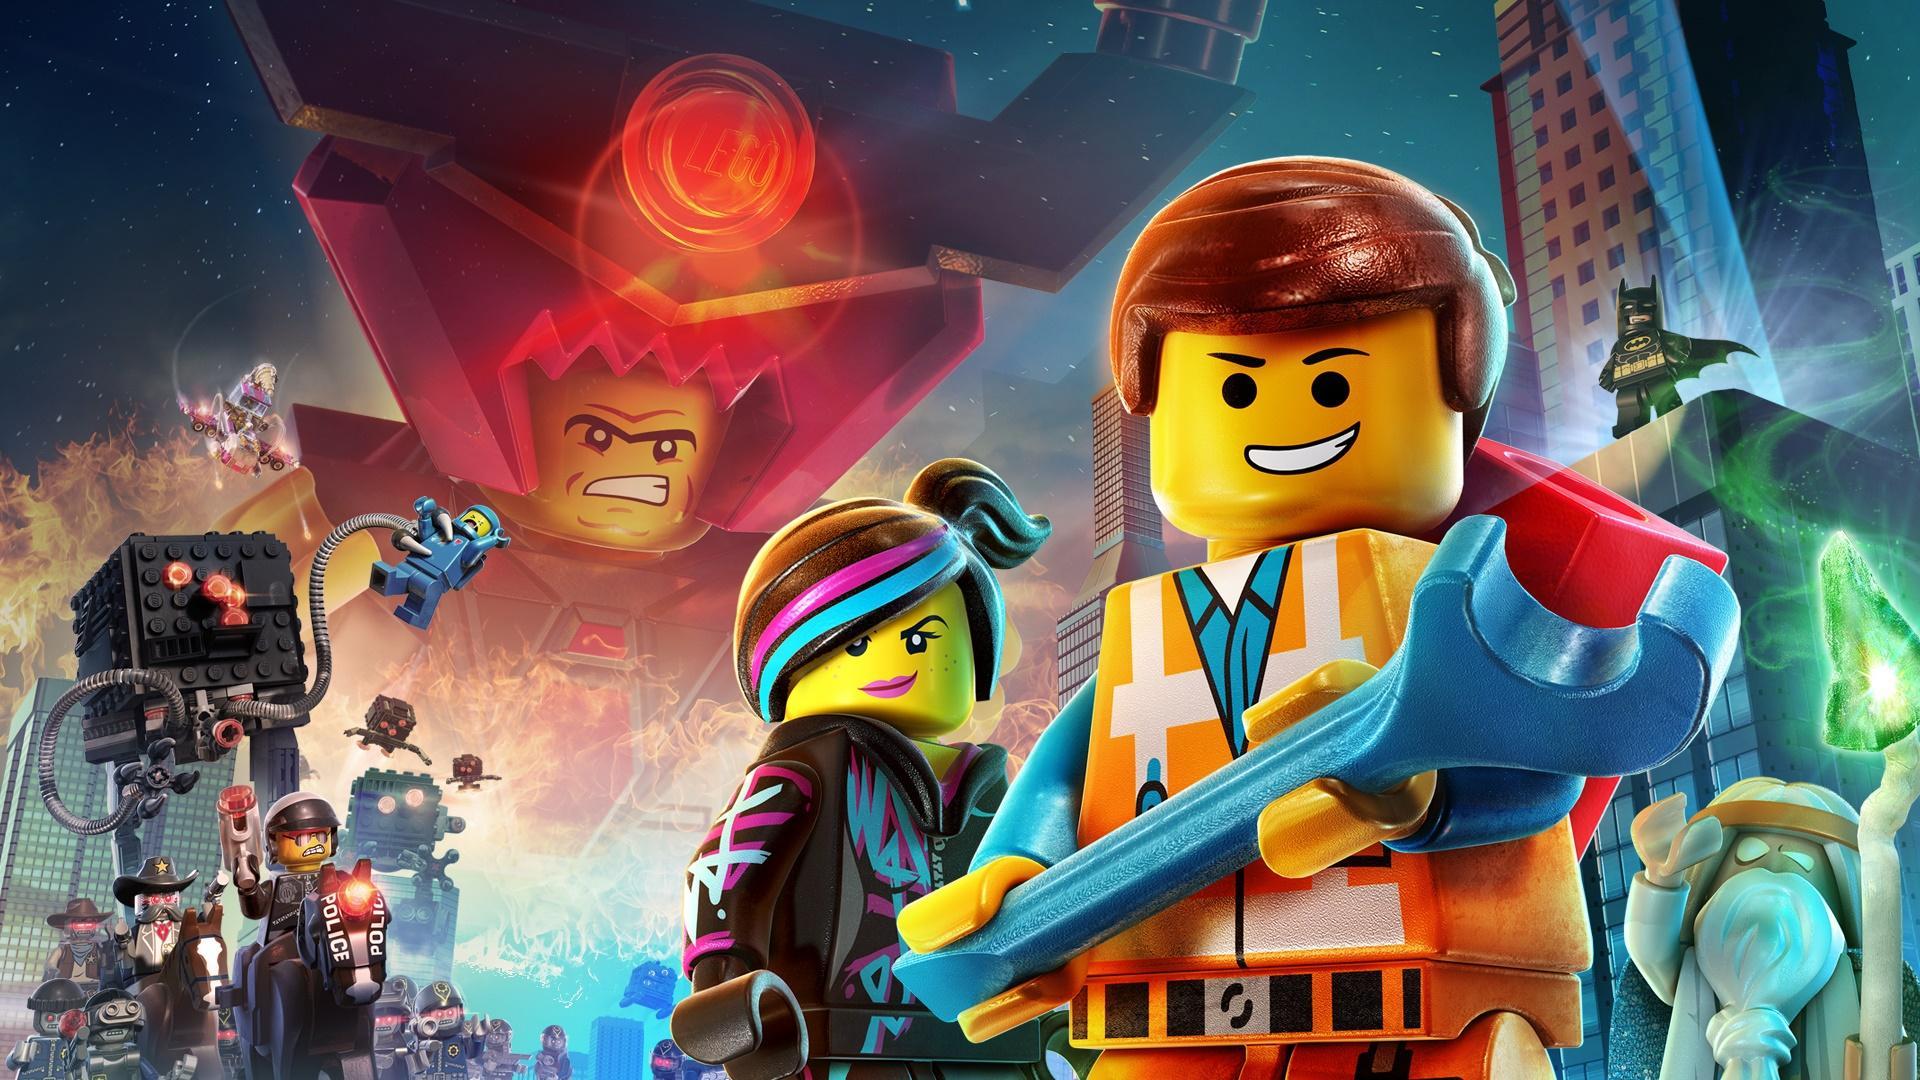 Billedresultat for LEGO Filmen af Phil Lord og Chris Miller